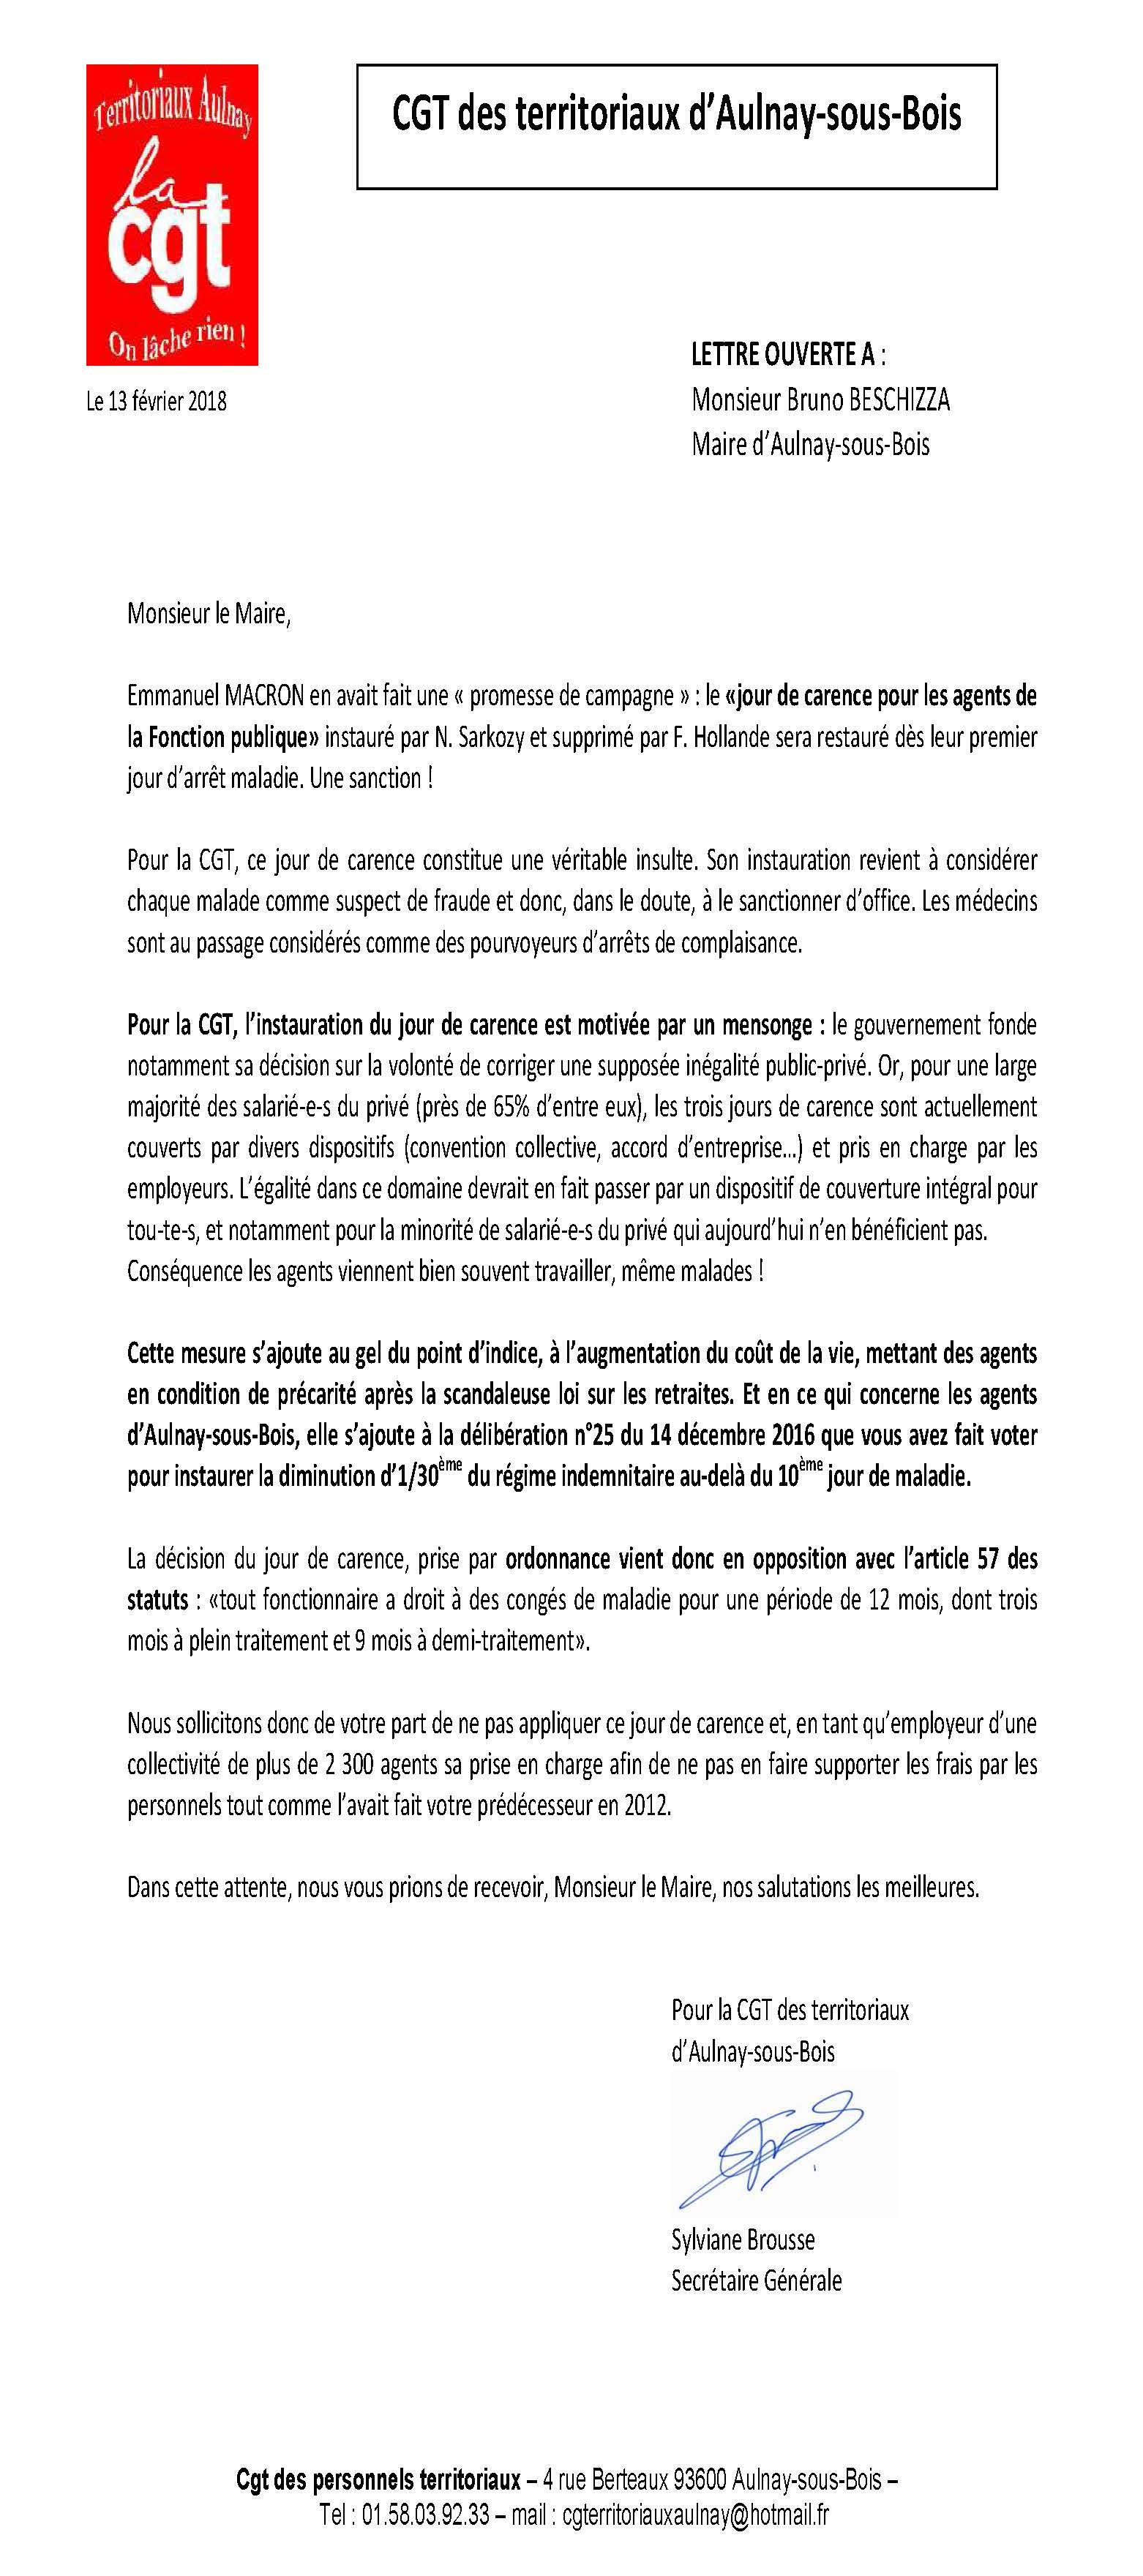 Lettre De La Cgt Au Maire D Aulnay Sous Bois Concernant Le Jour De